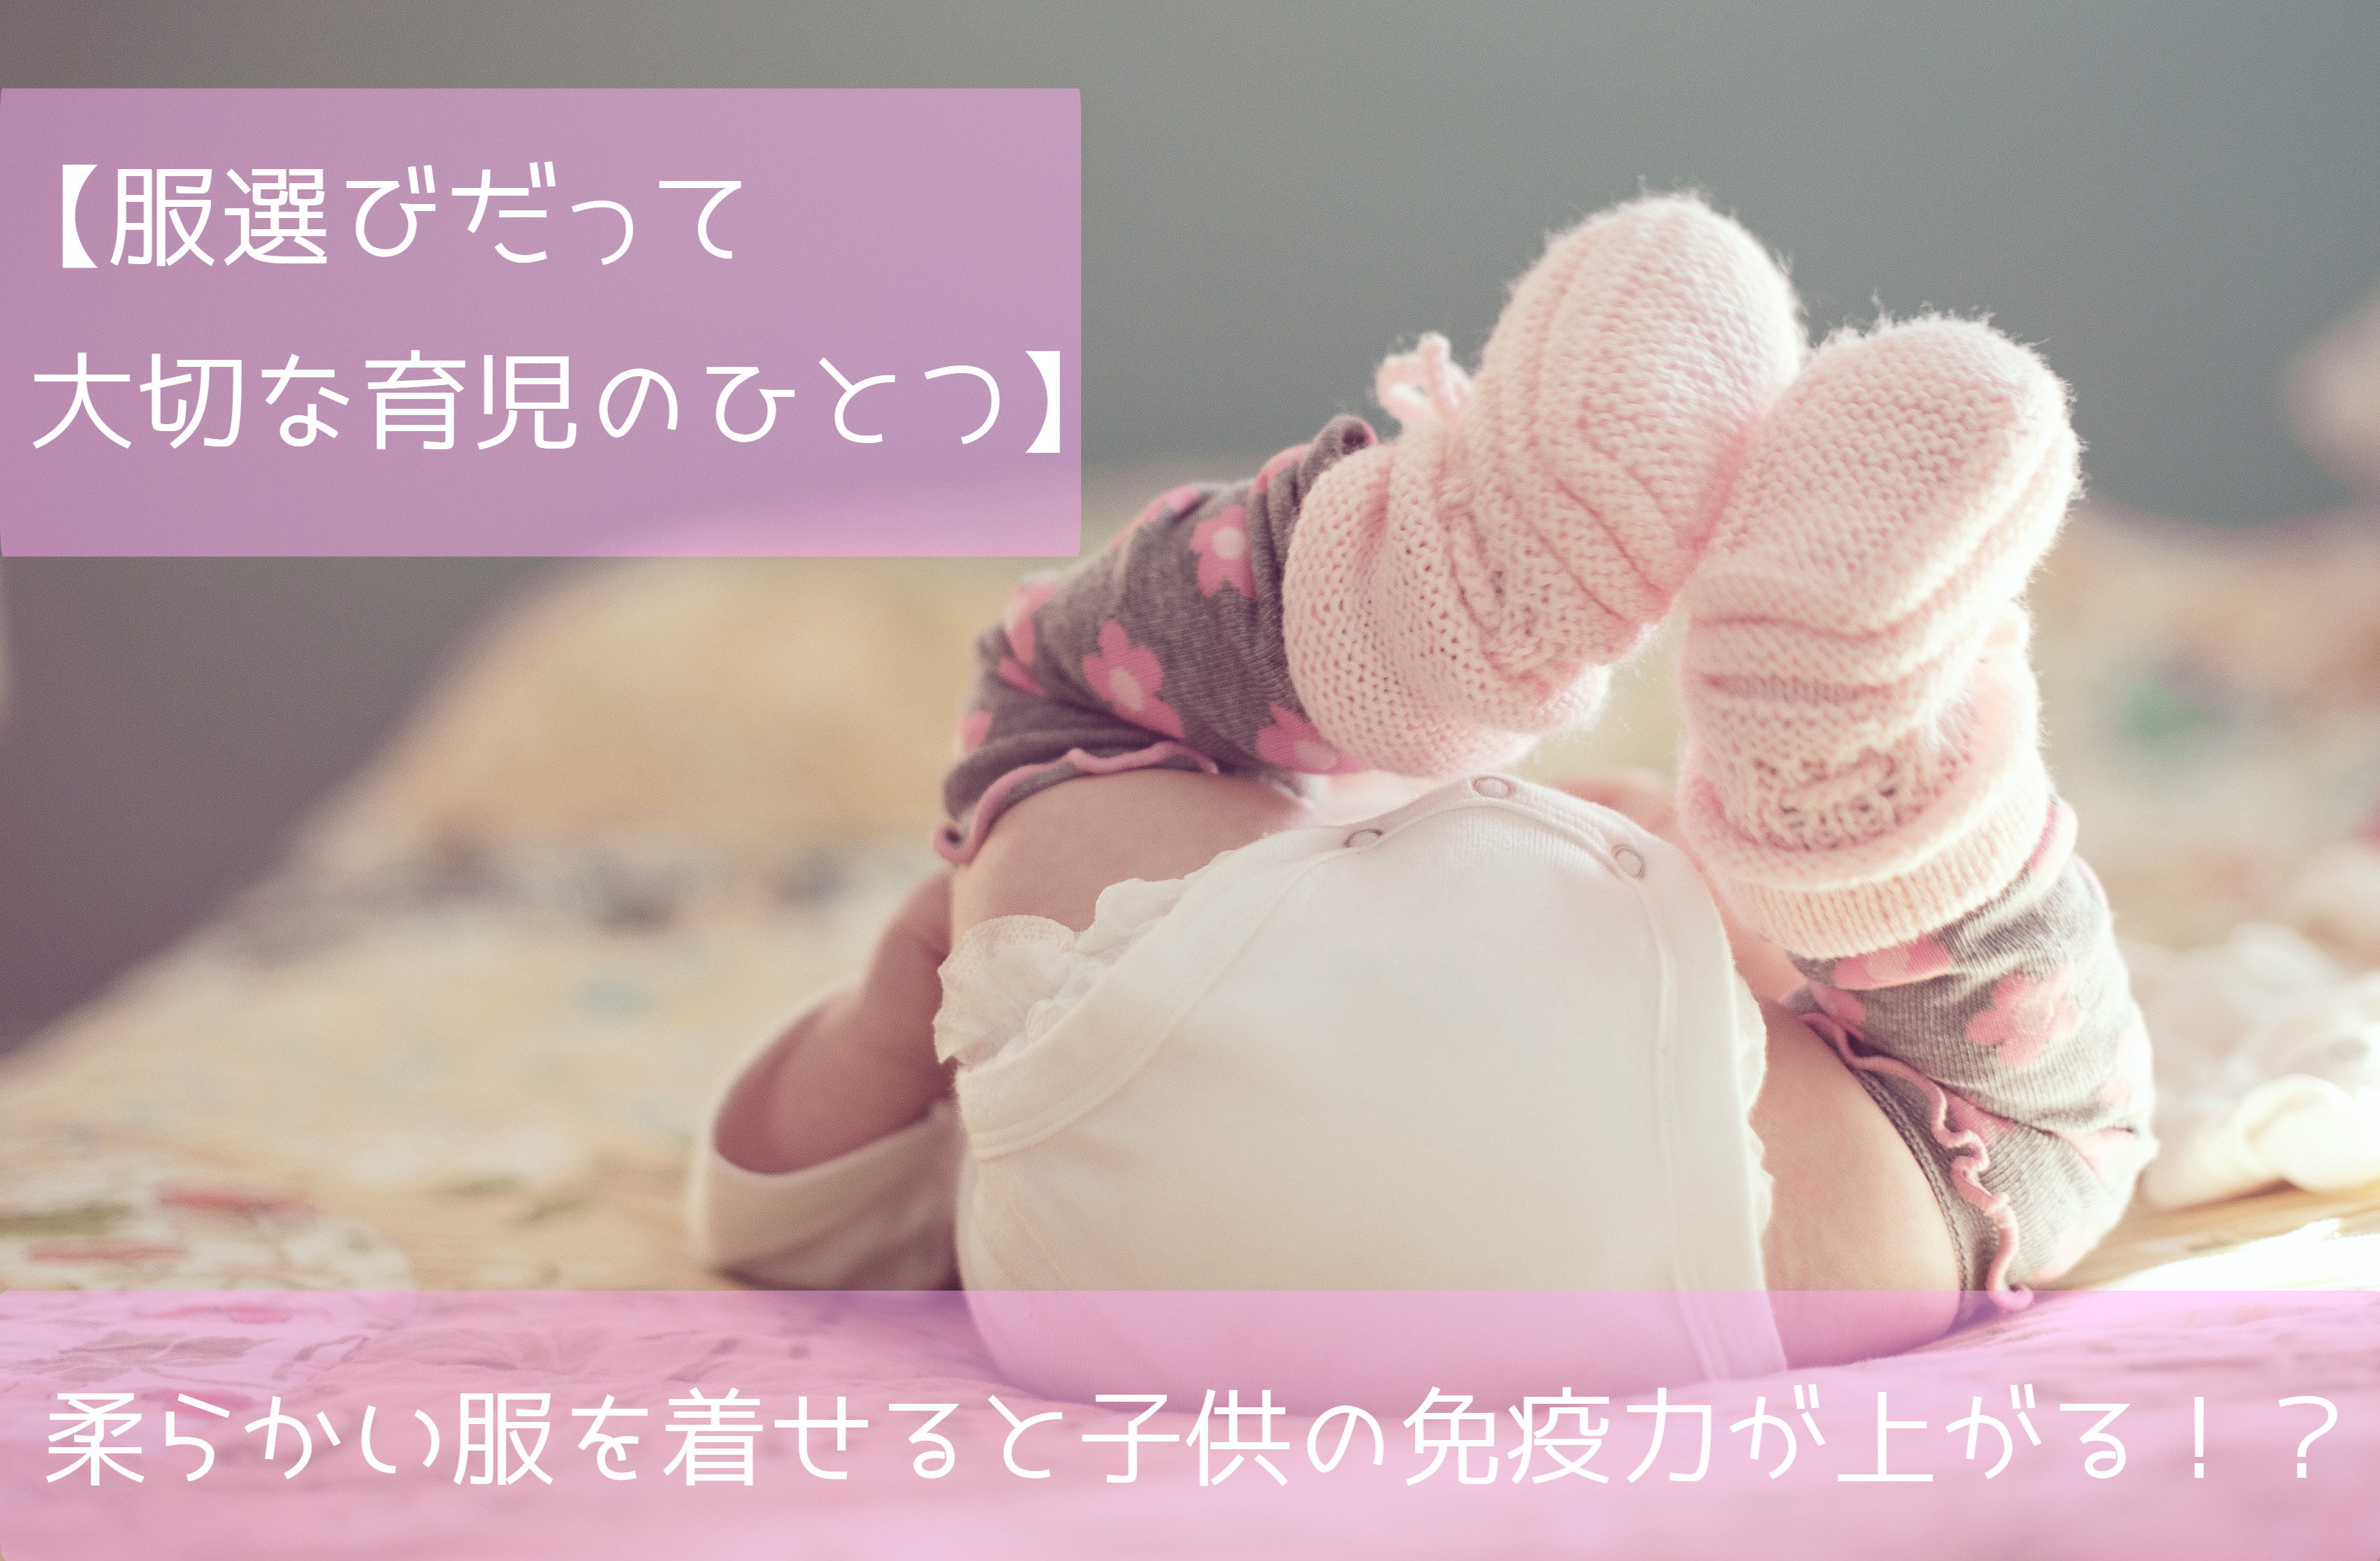 【服選びも育児のひとつ】柔らかい服を着せると子供の免疫力が上がる!?【子供服の選び方】